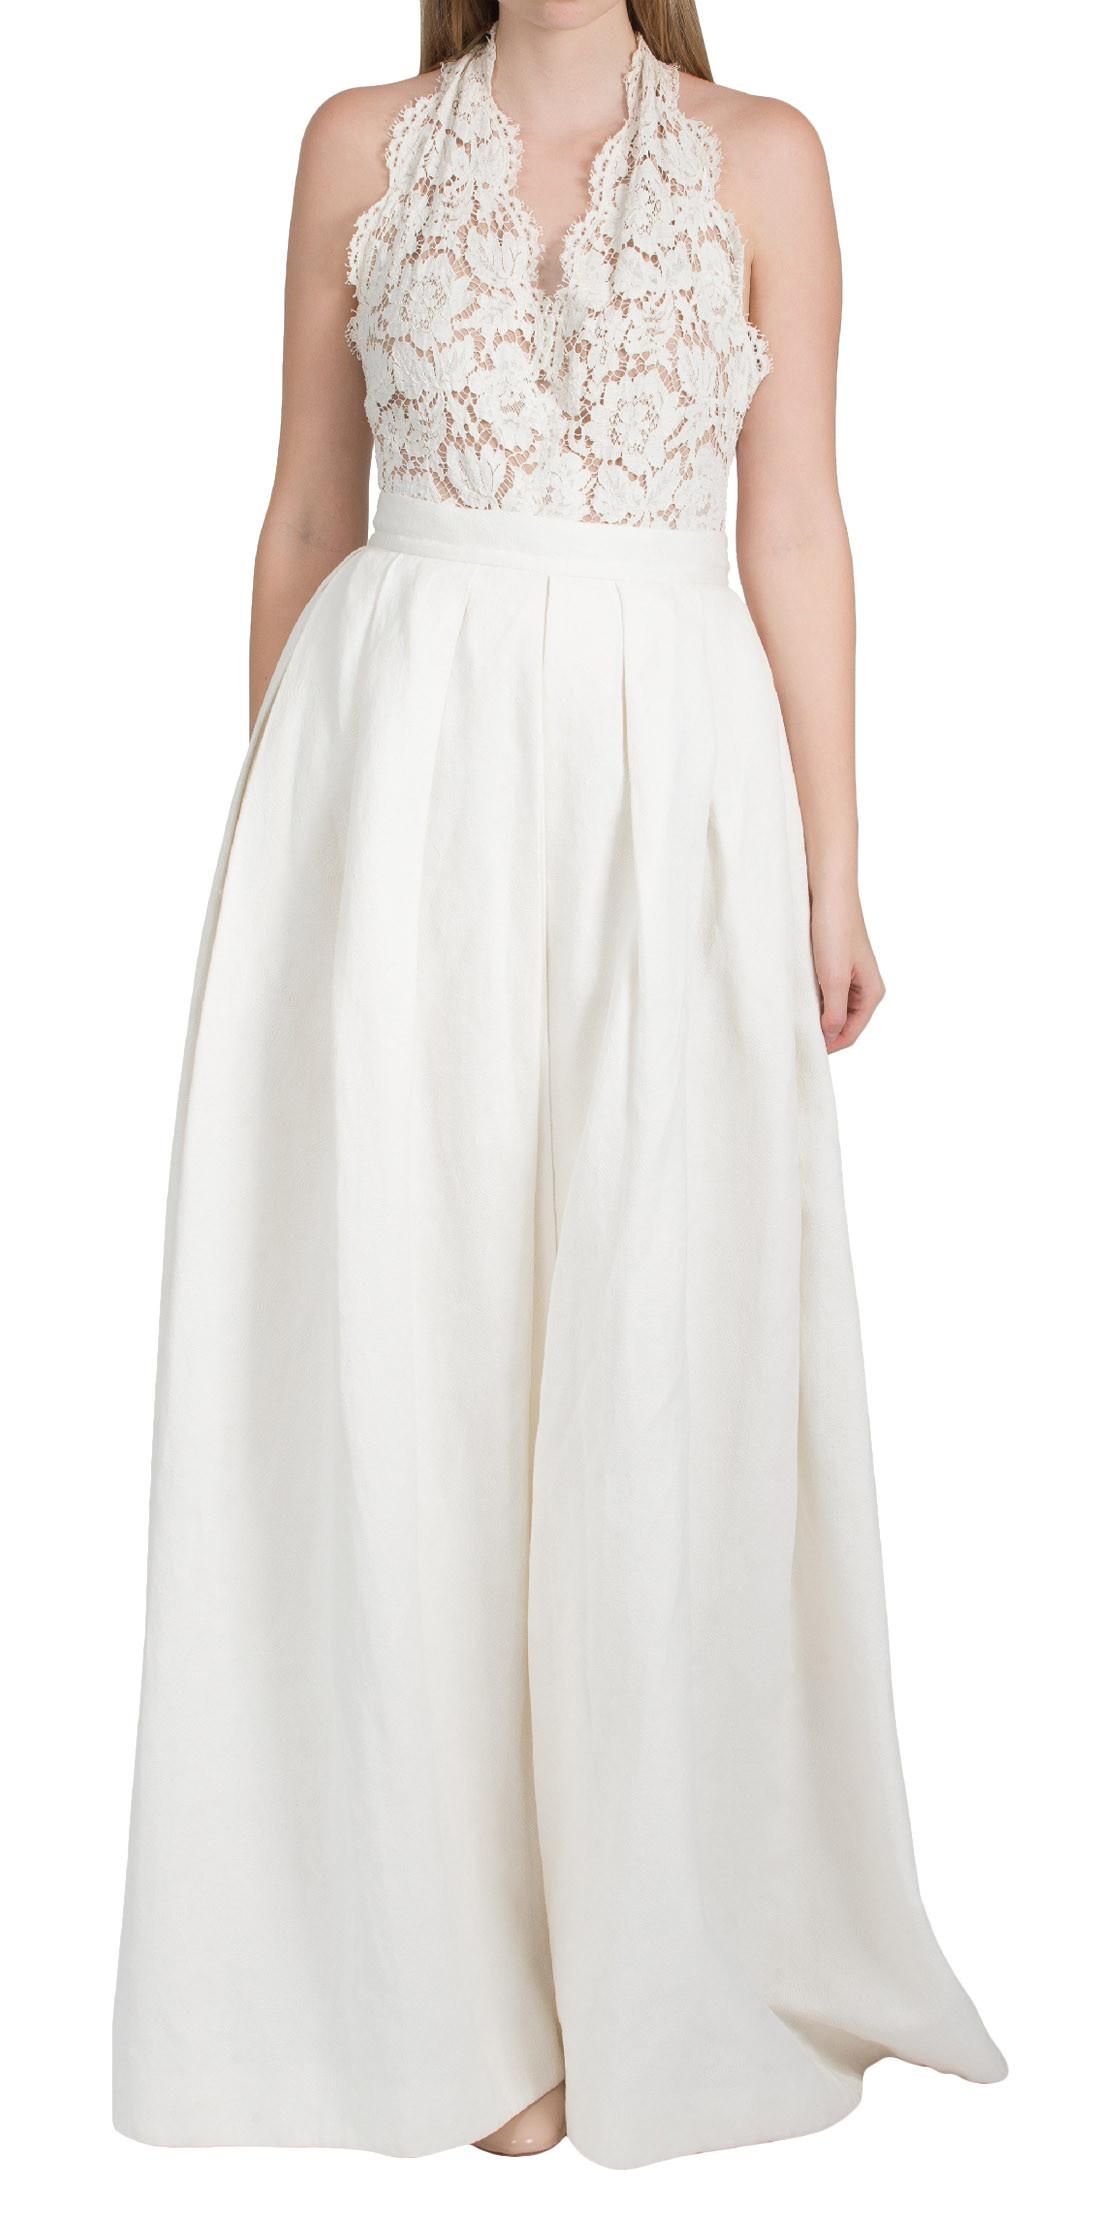 Two Pcs Lace Jumpsuit | Evening Dresses Rental | Dubai Rent a Dress ...